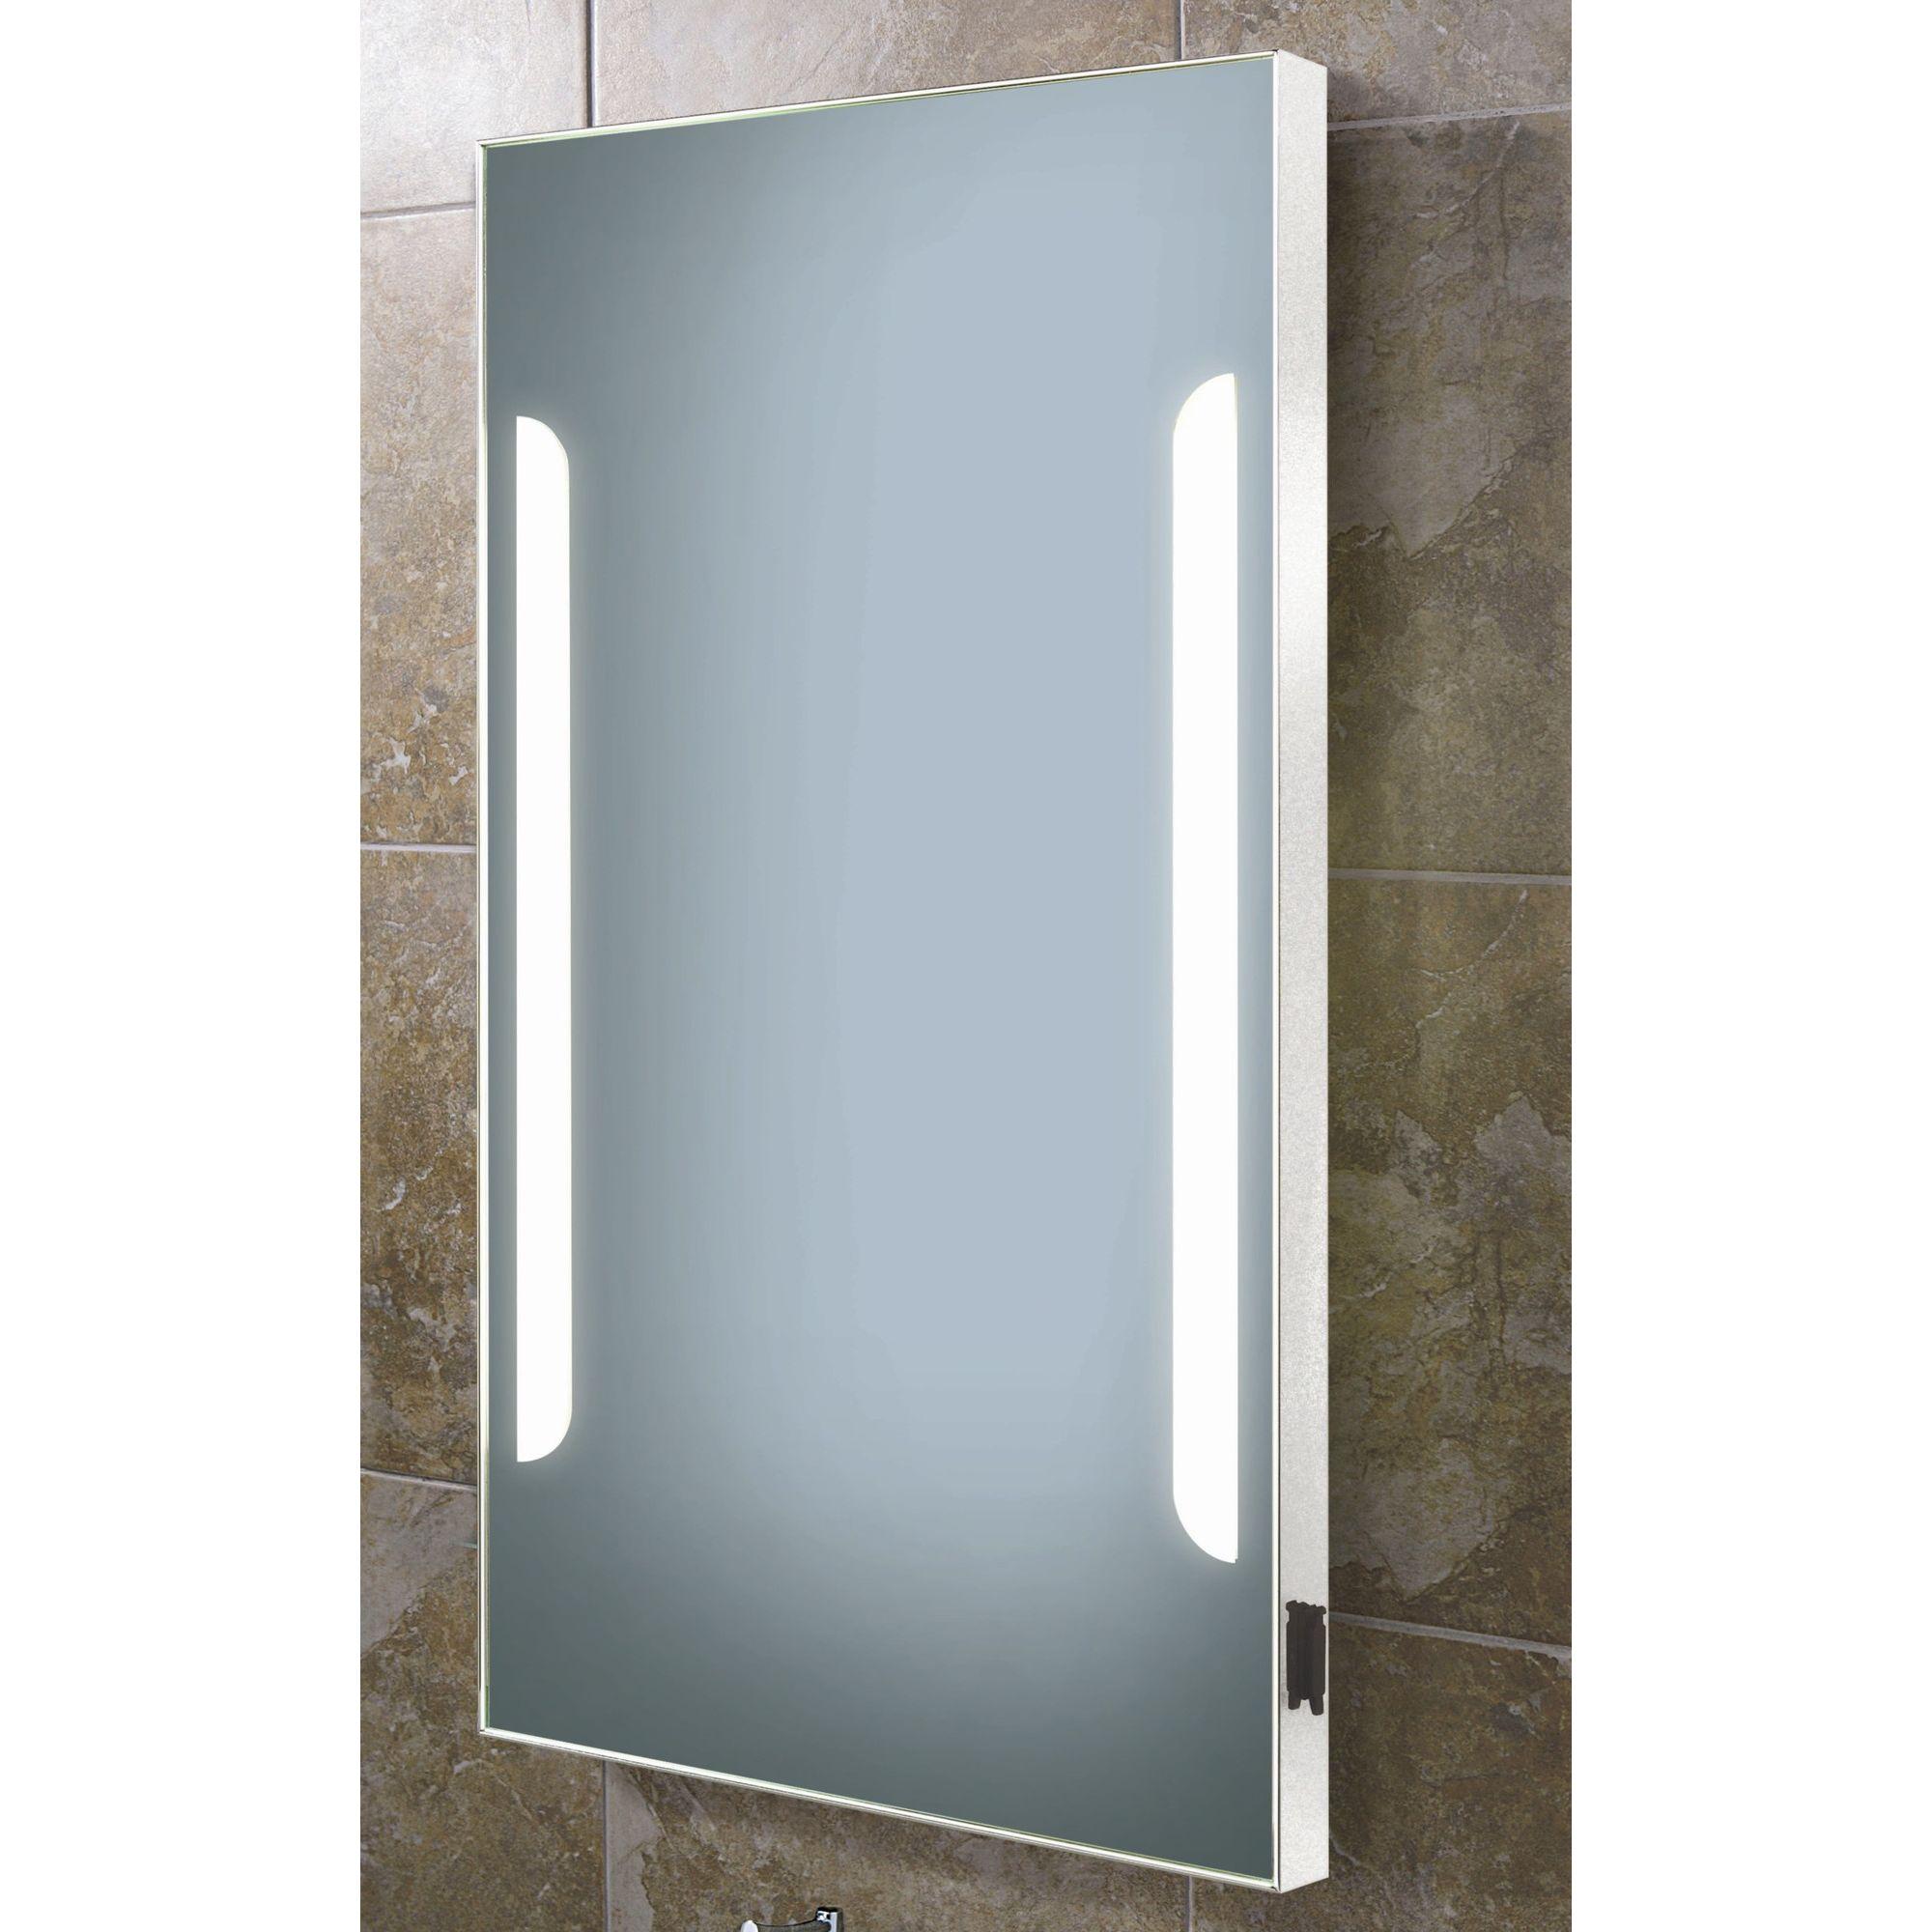 HIB Zenith LED Shaving Light at Tescos Direct